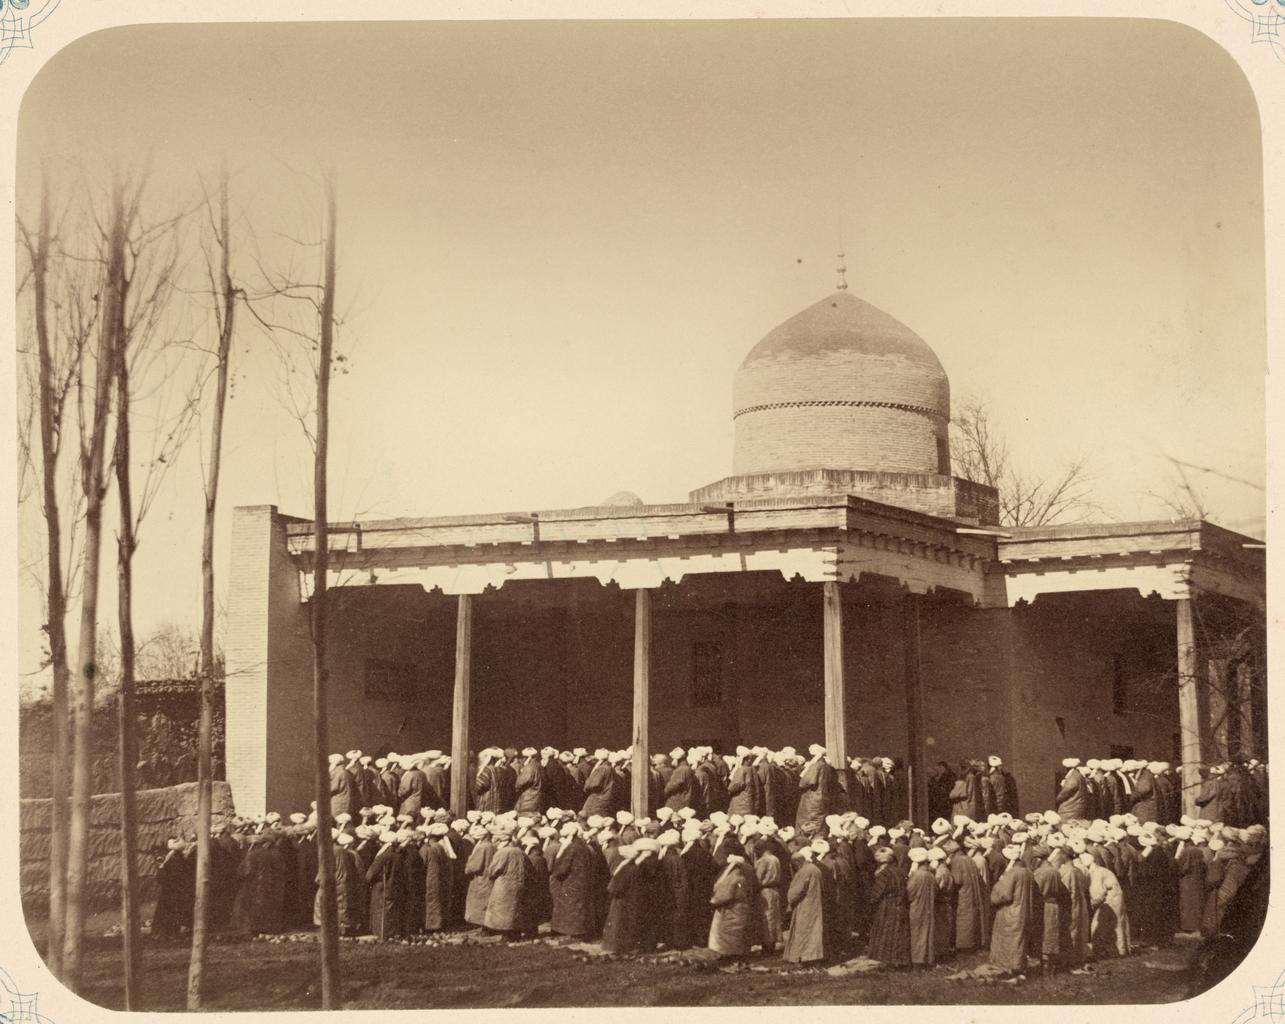 Общая молитва в годовые праздники и должностные лица при мечетях. Ид намаз. В Ташкенте в мечети Шейхантаура